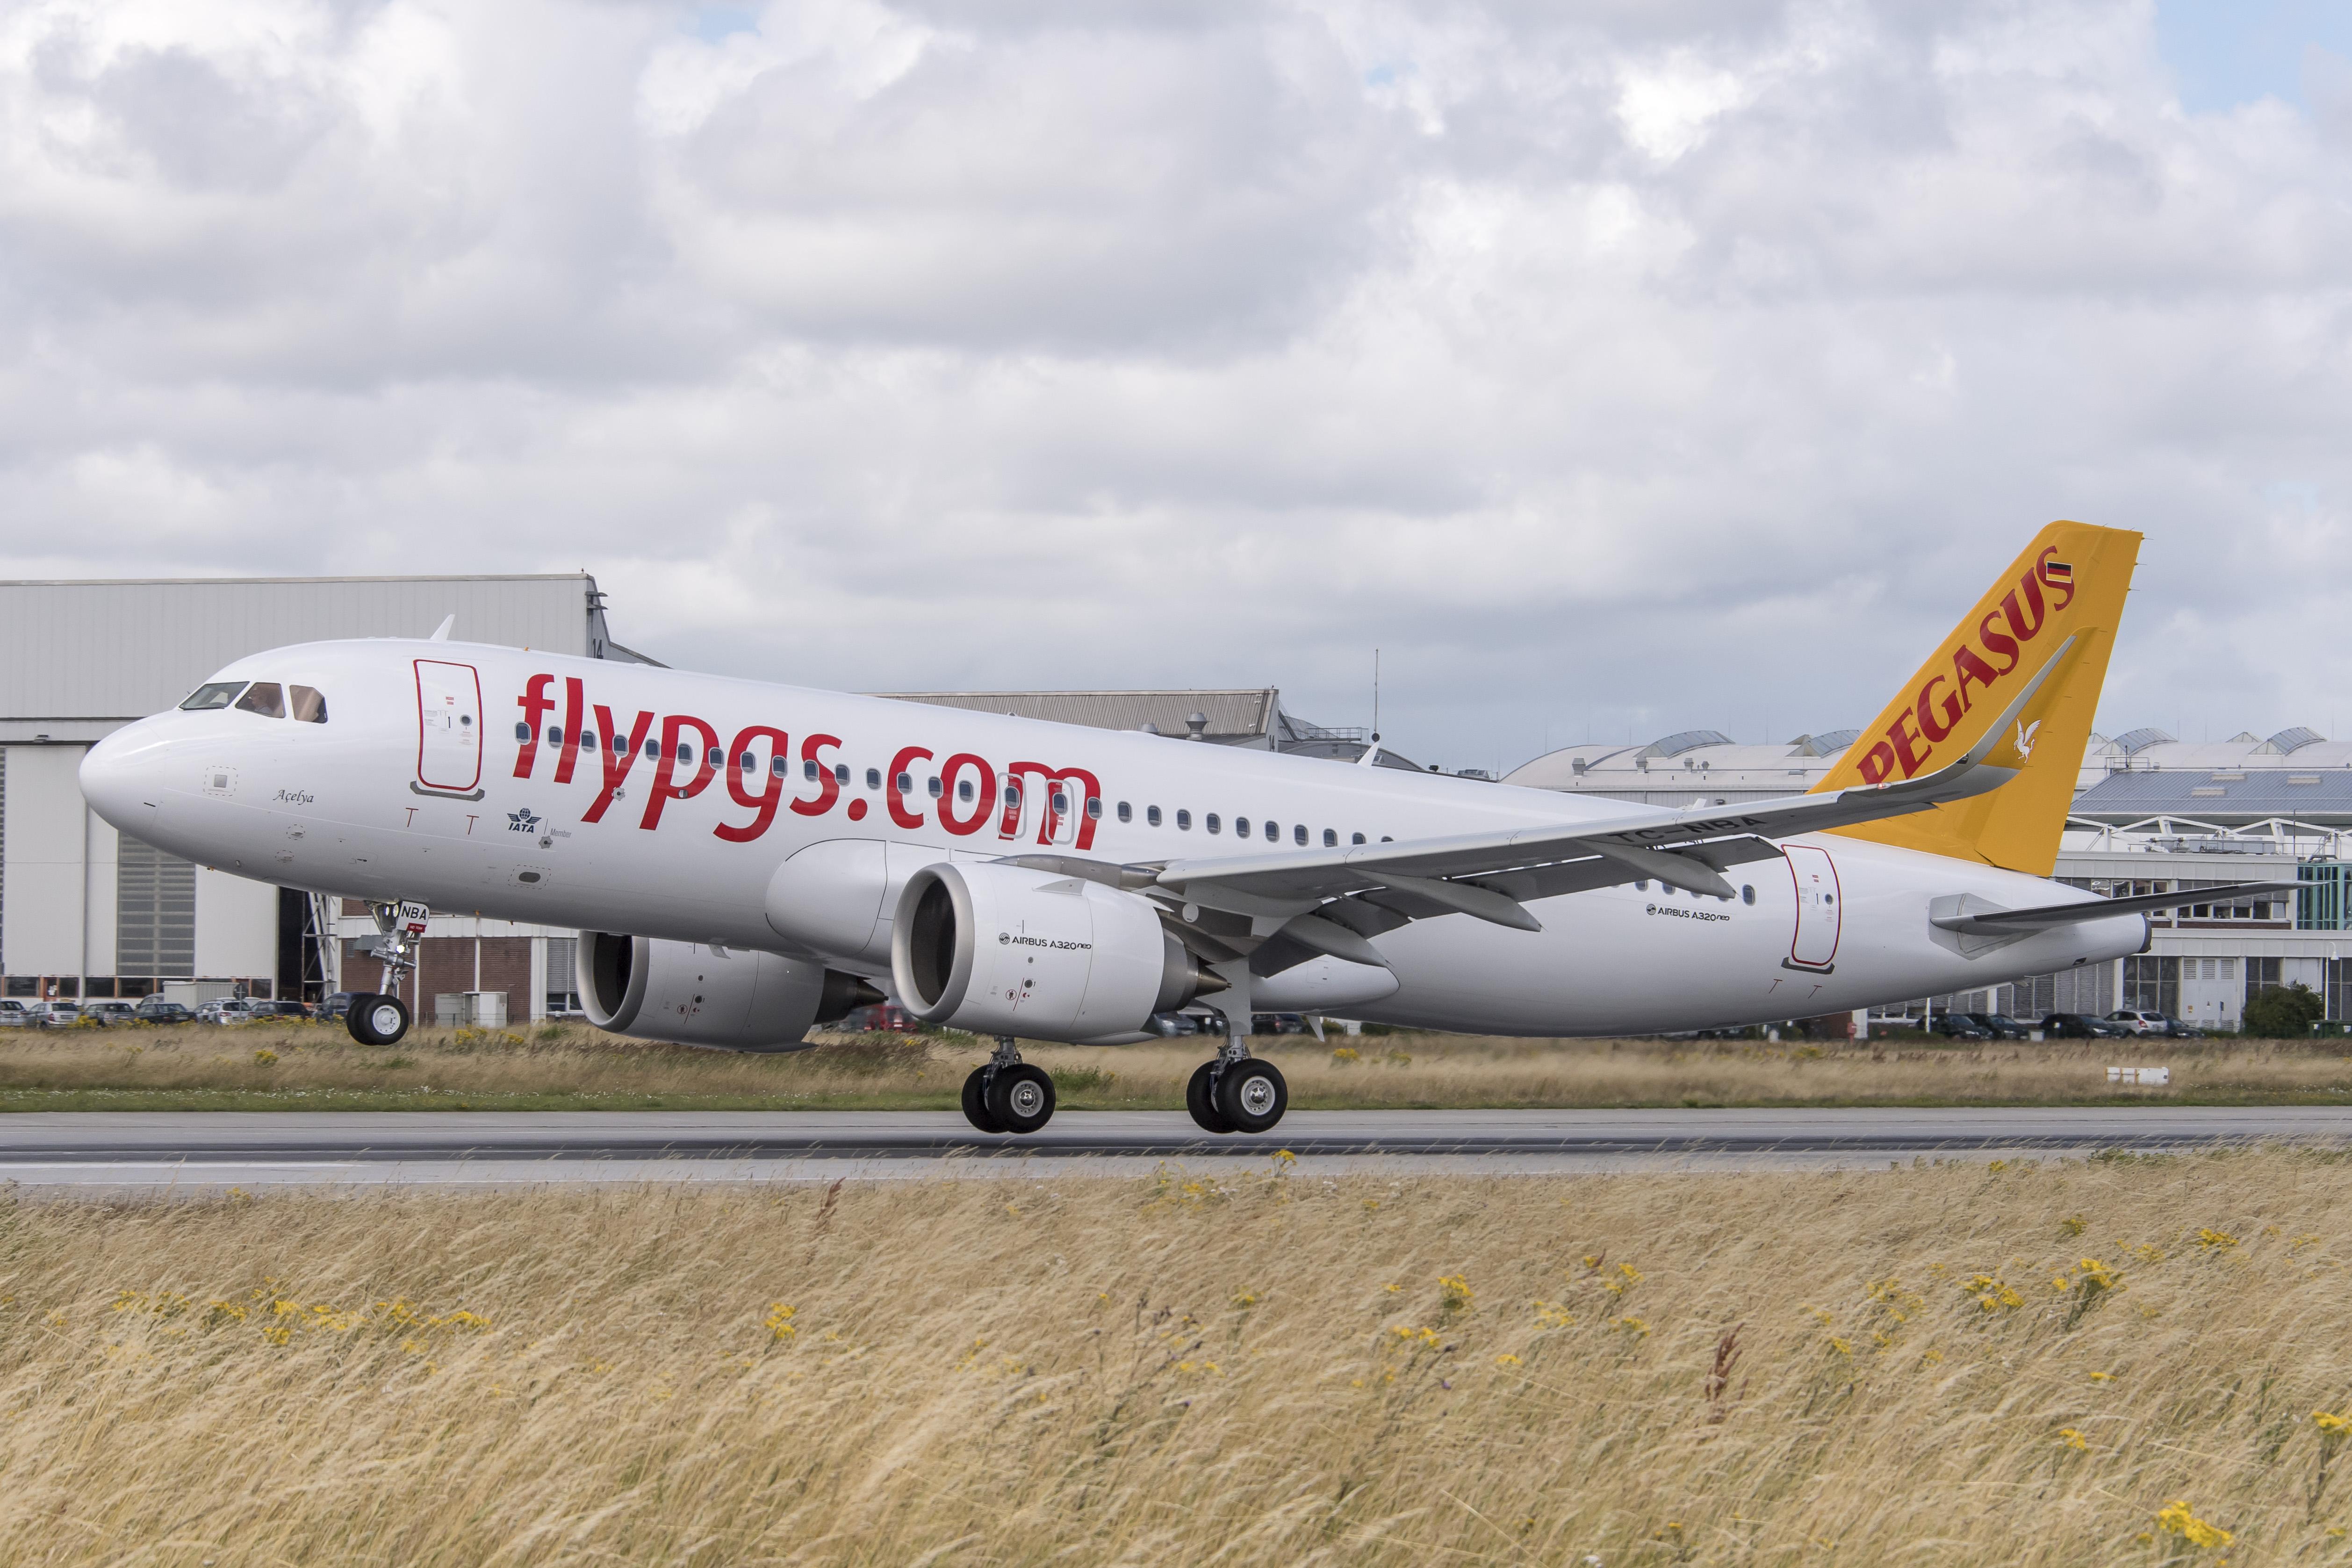 Pegasus Hava Yolları, İstanbul Sabiha Gökçen'den Bingöl ve Uşak'a, İzmir'den ise Ağrı'ya uçmaya başlayacak.